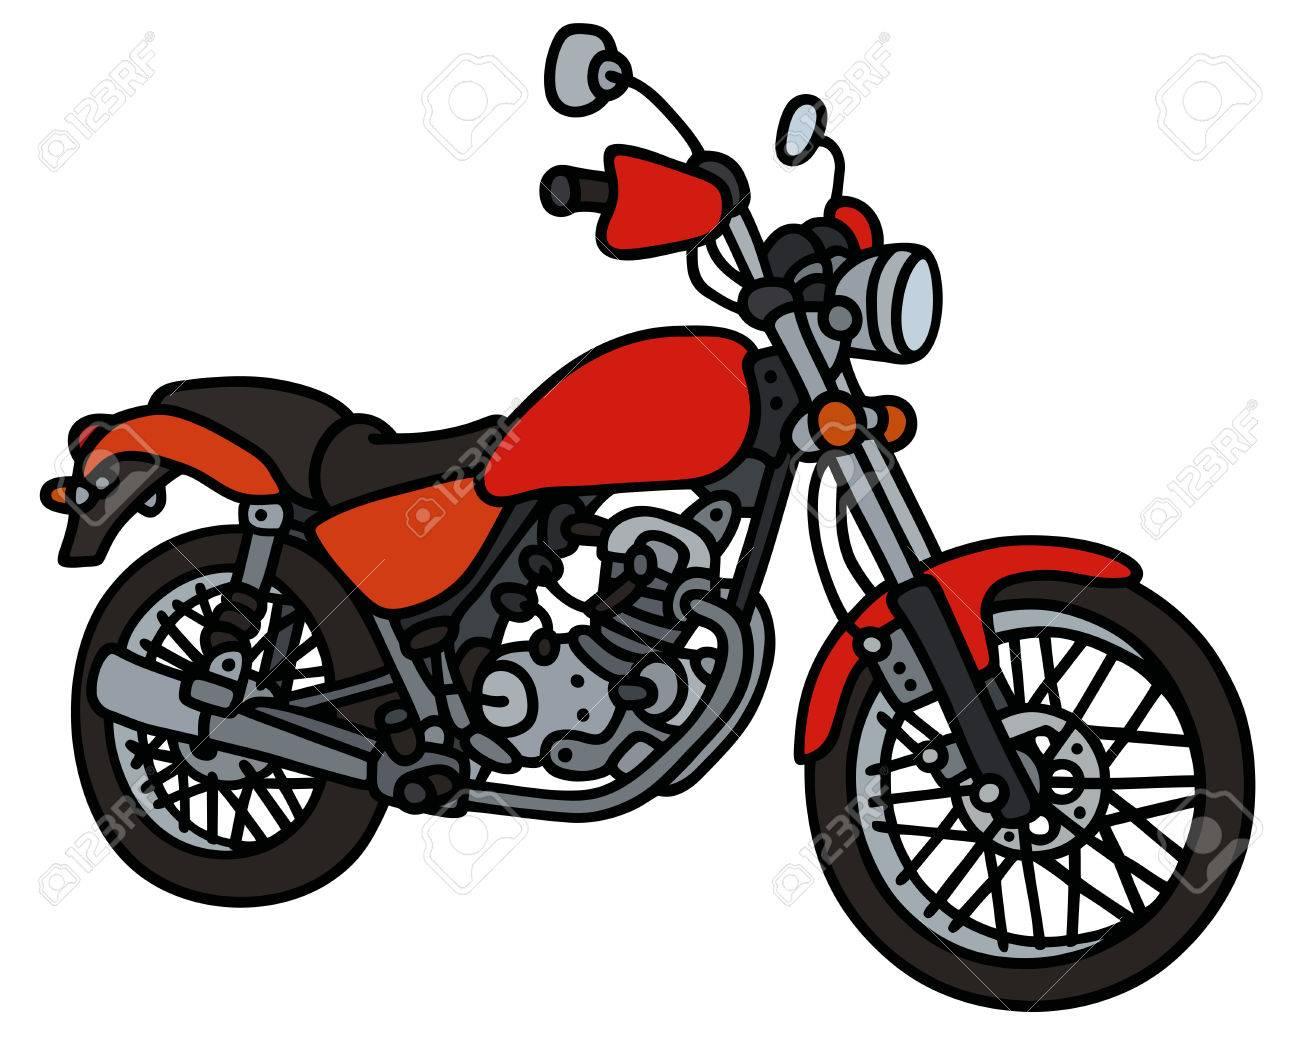 dessin moto - Les dessins et coloriage